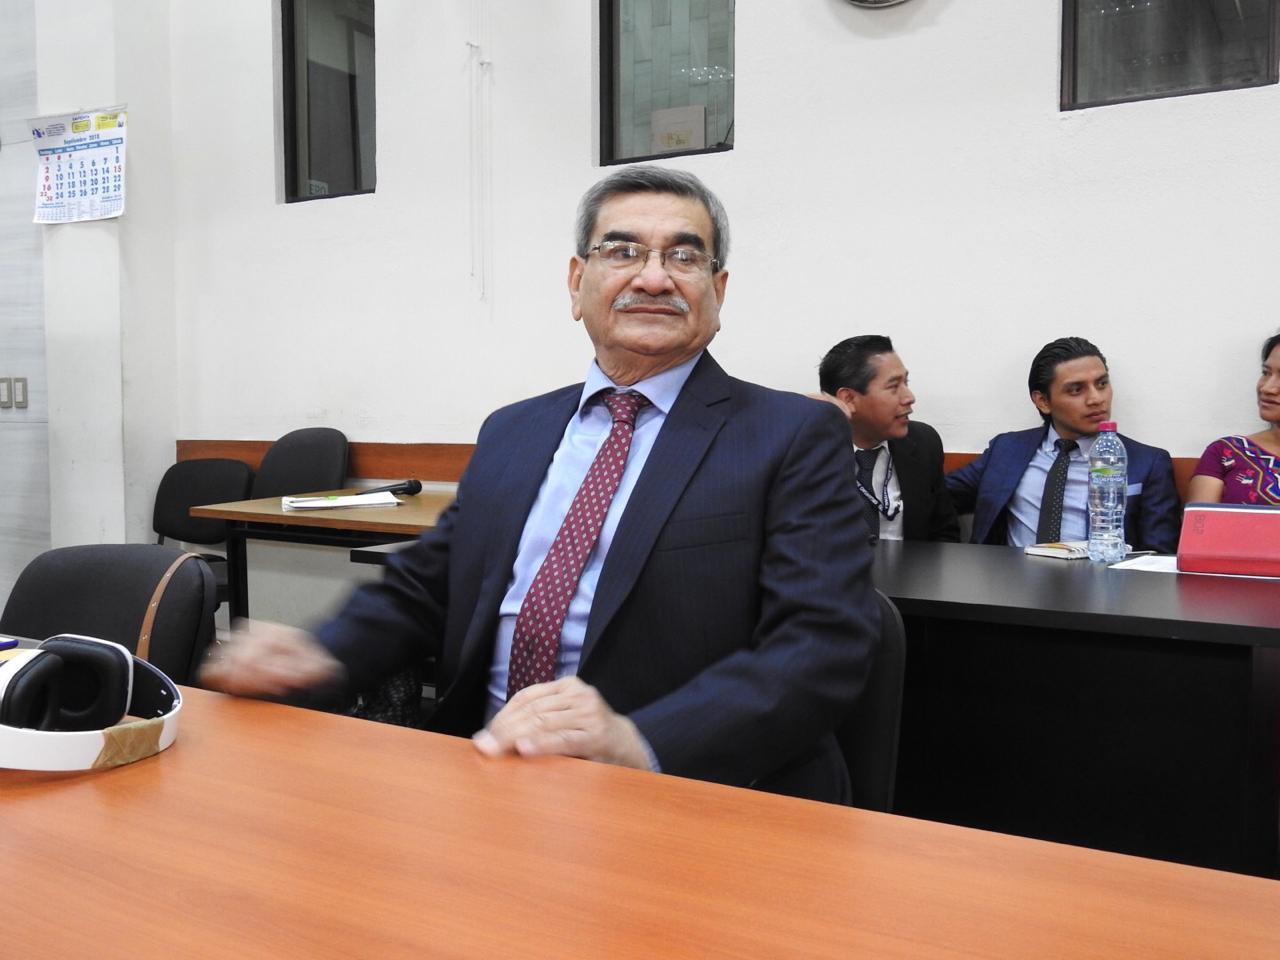 José Rodríguez Sánchez